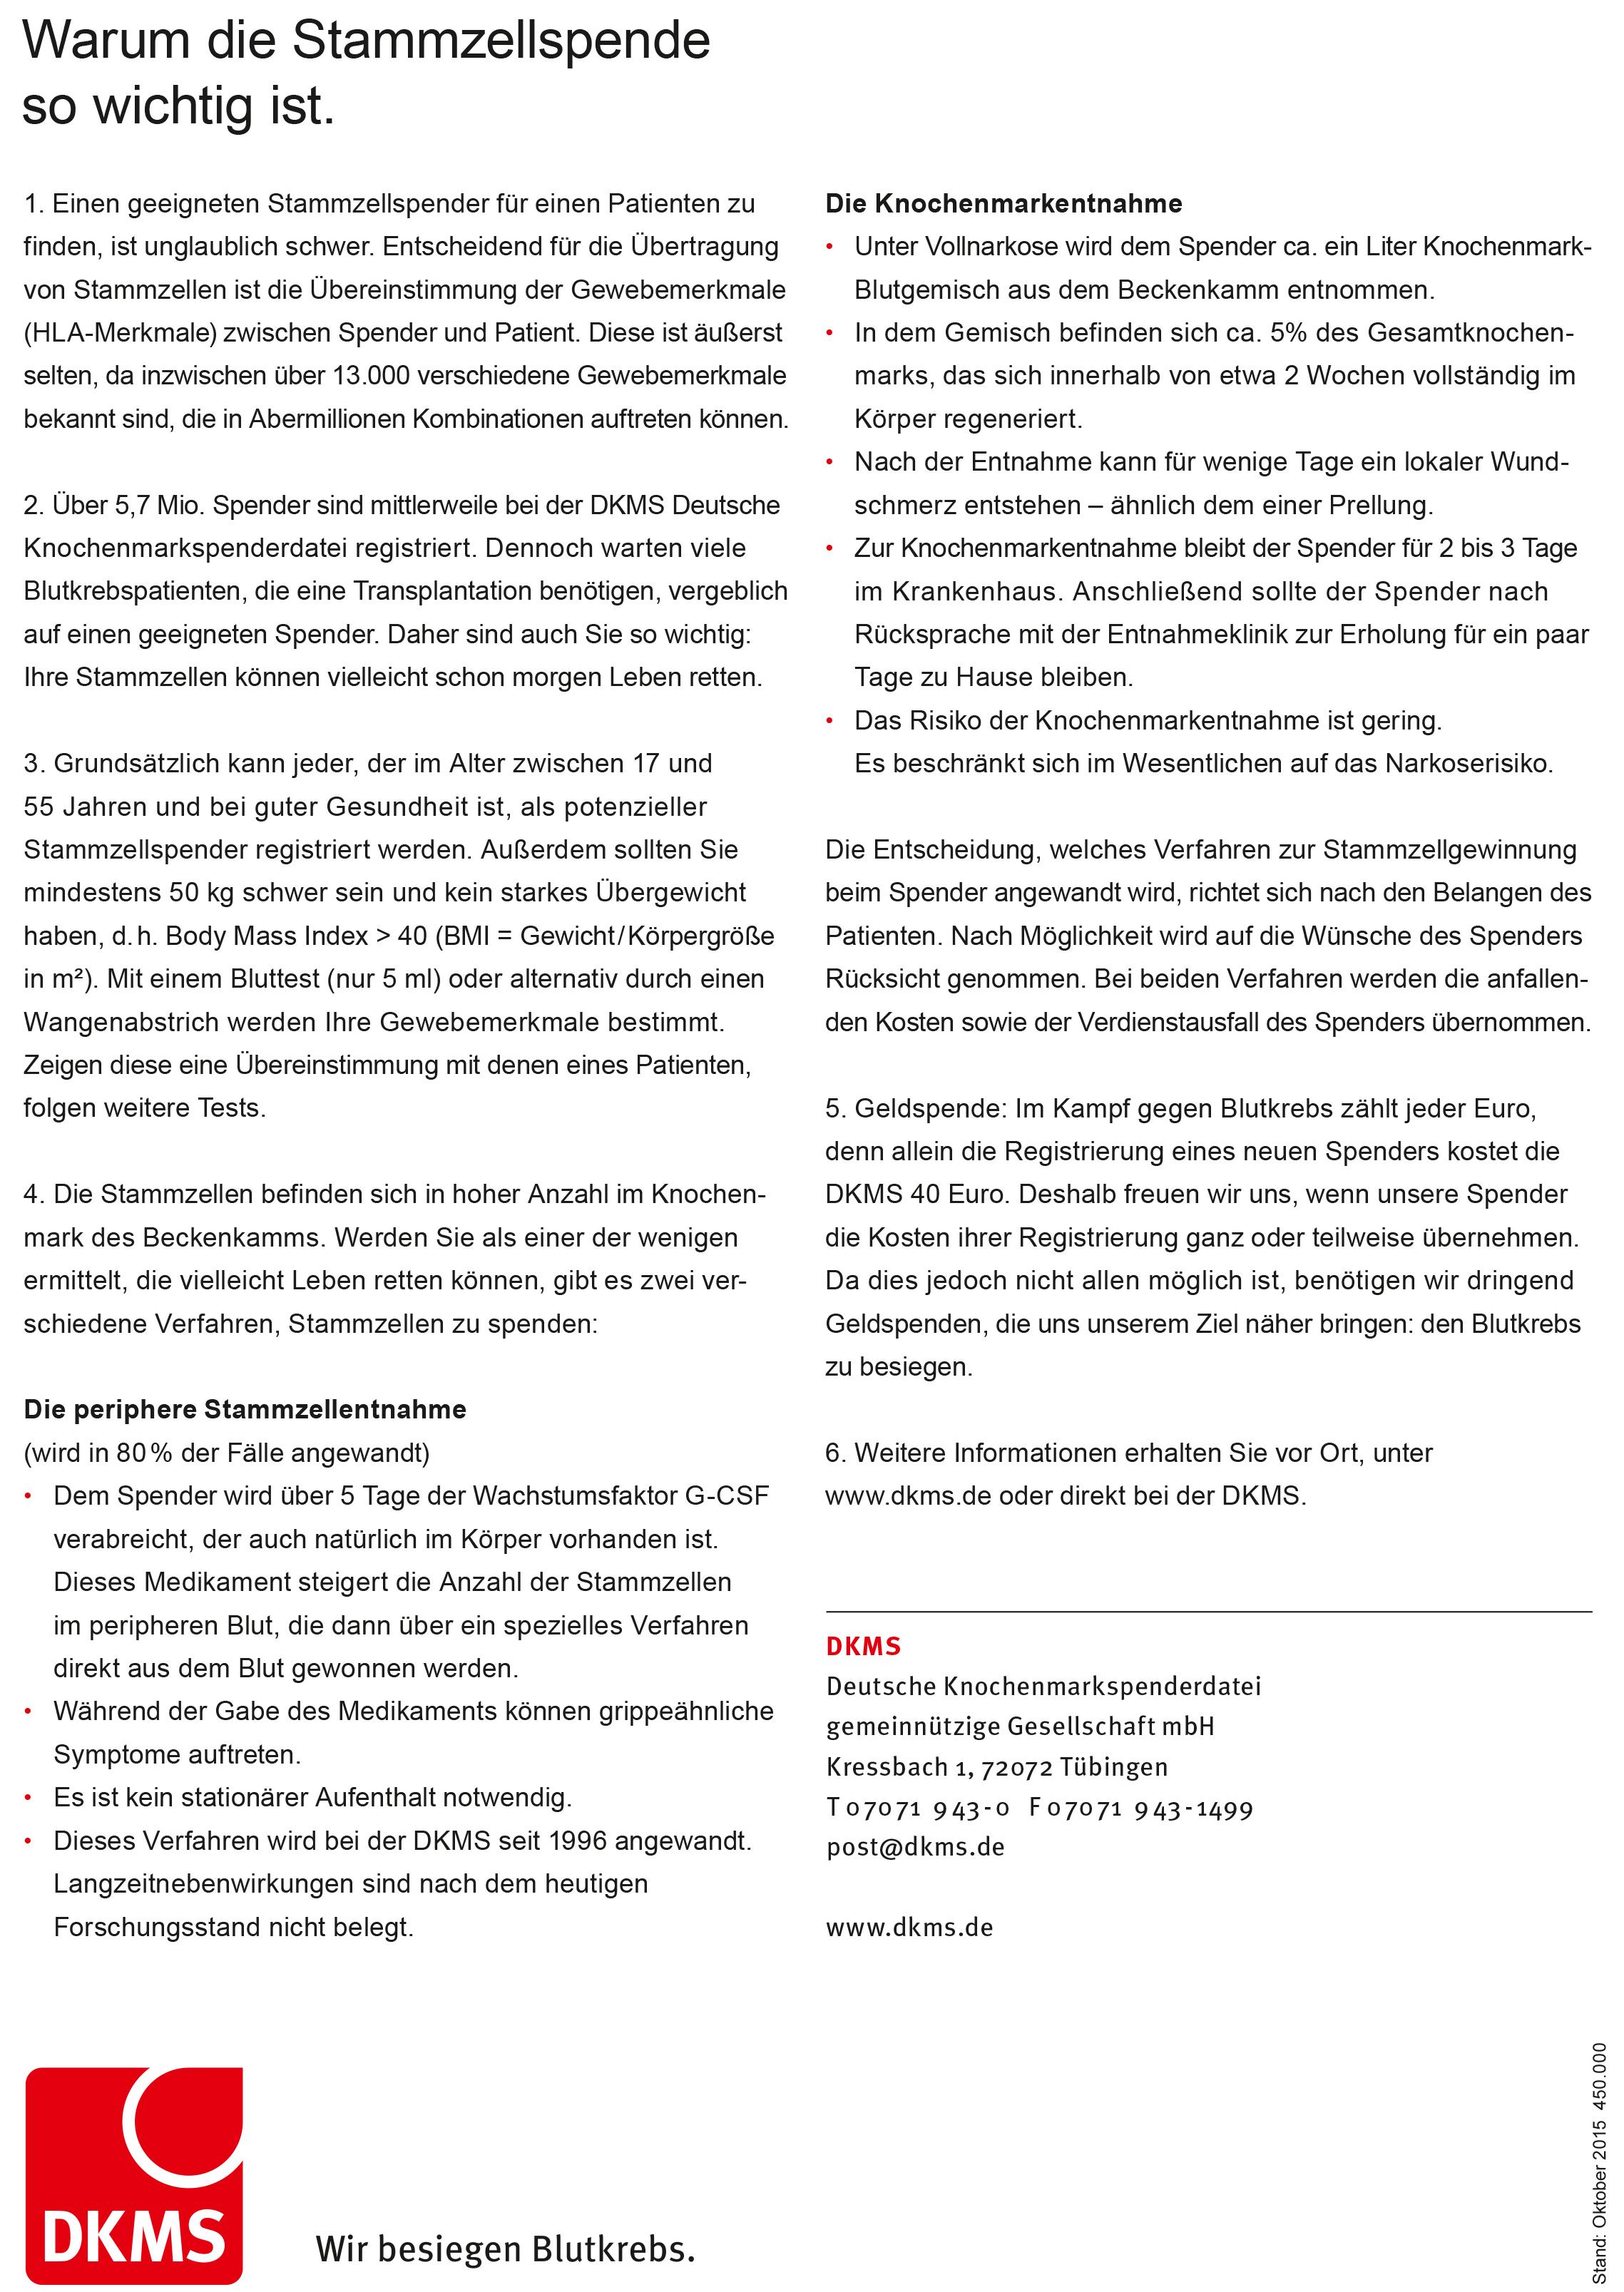 DKMS_Flugblatt_RS_deutsch_A4_RZ-2C.indd